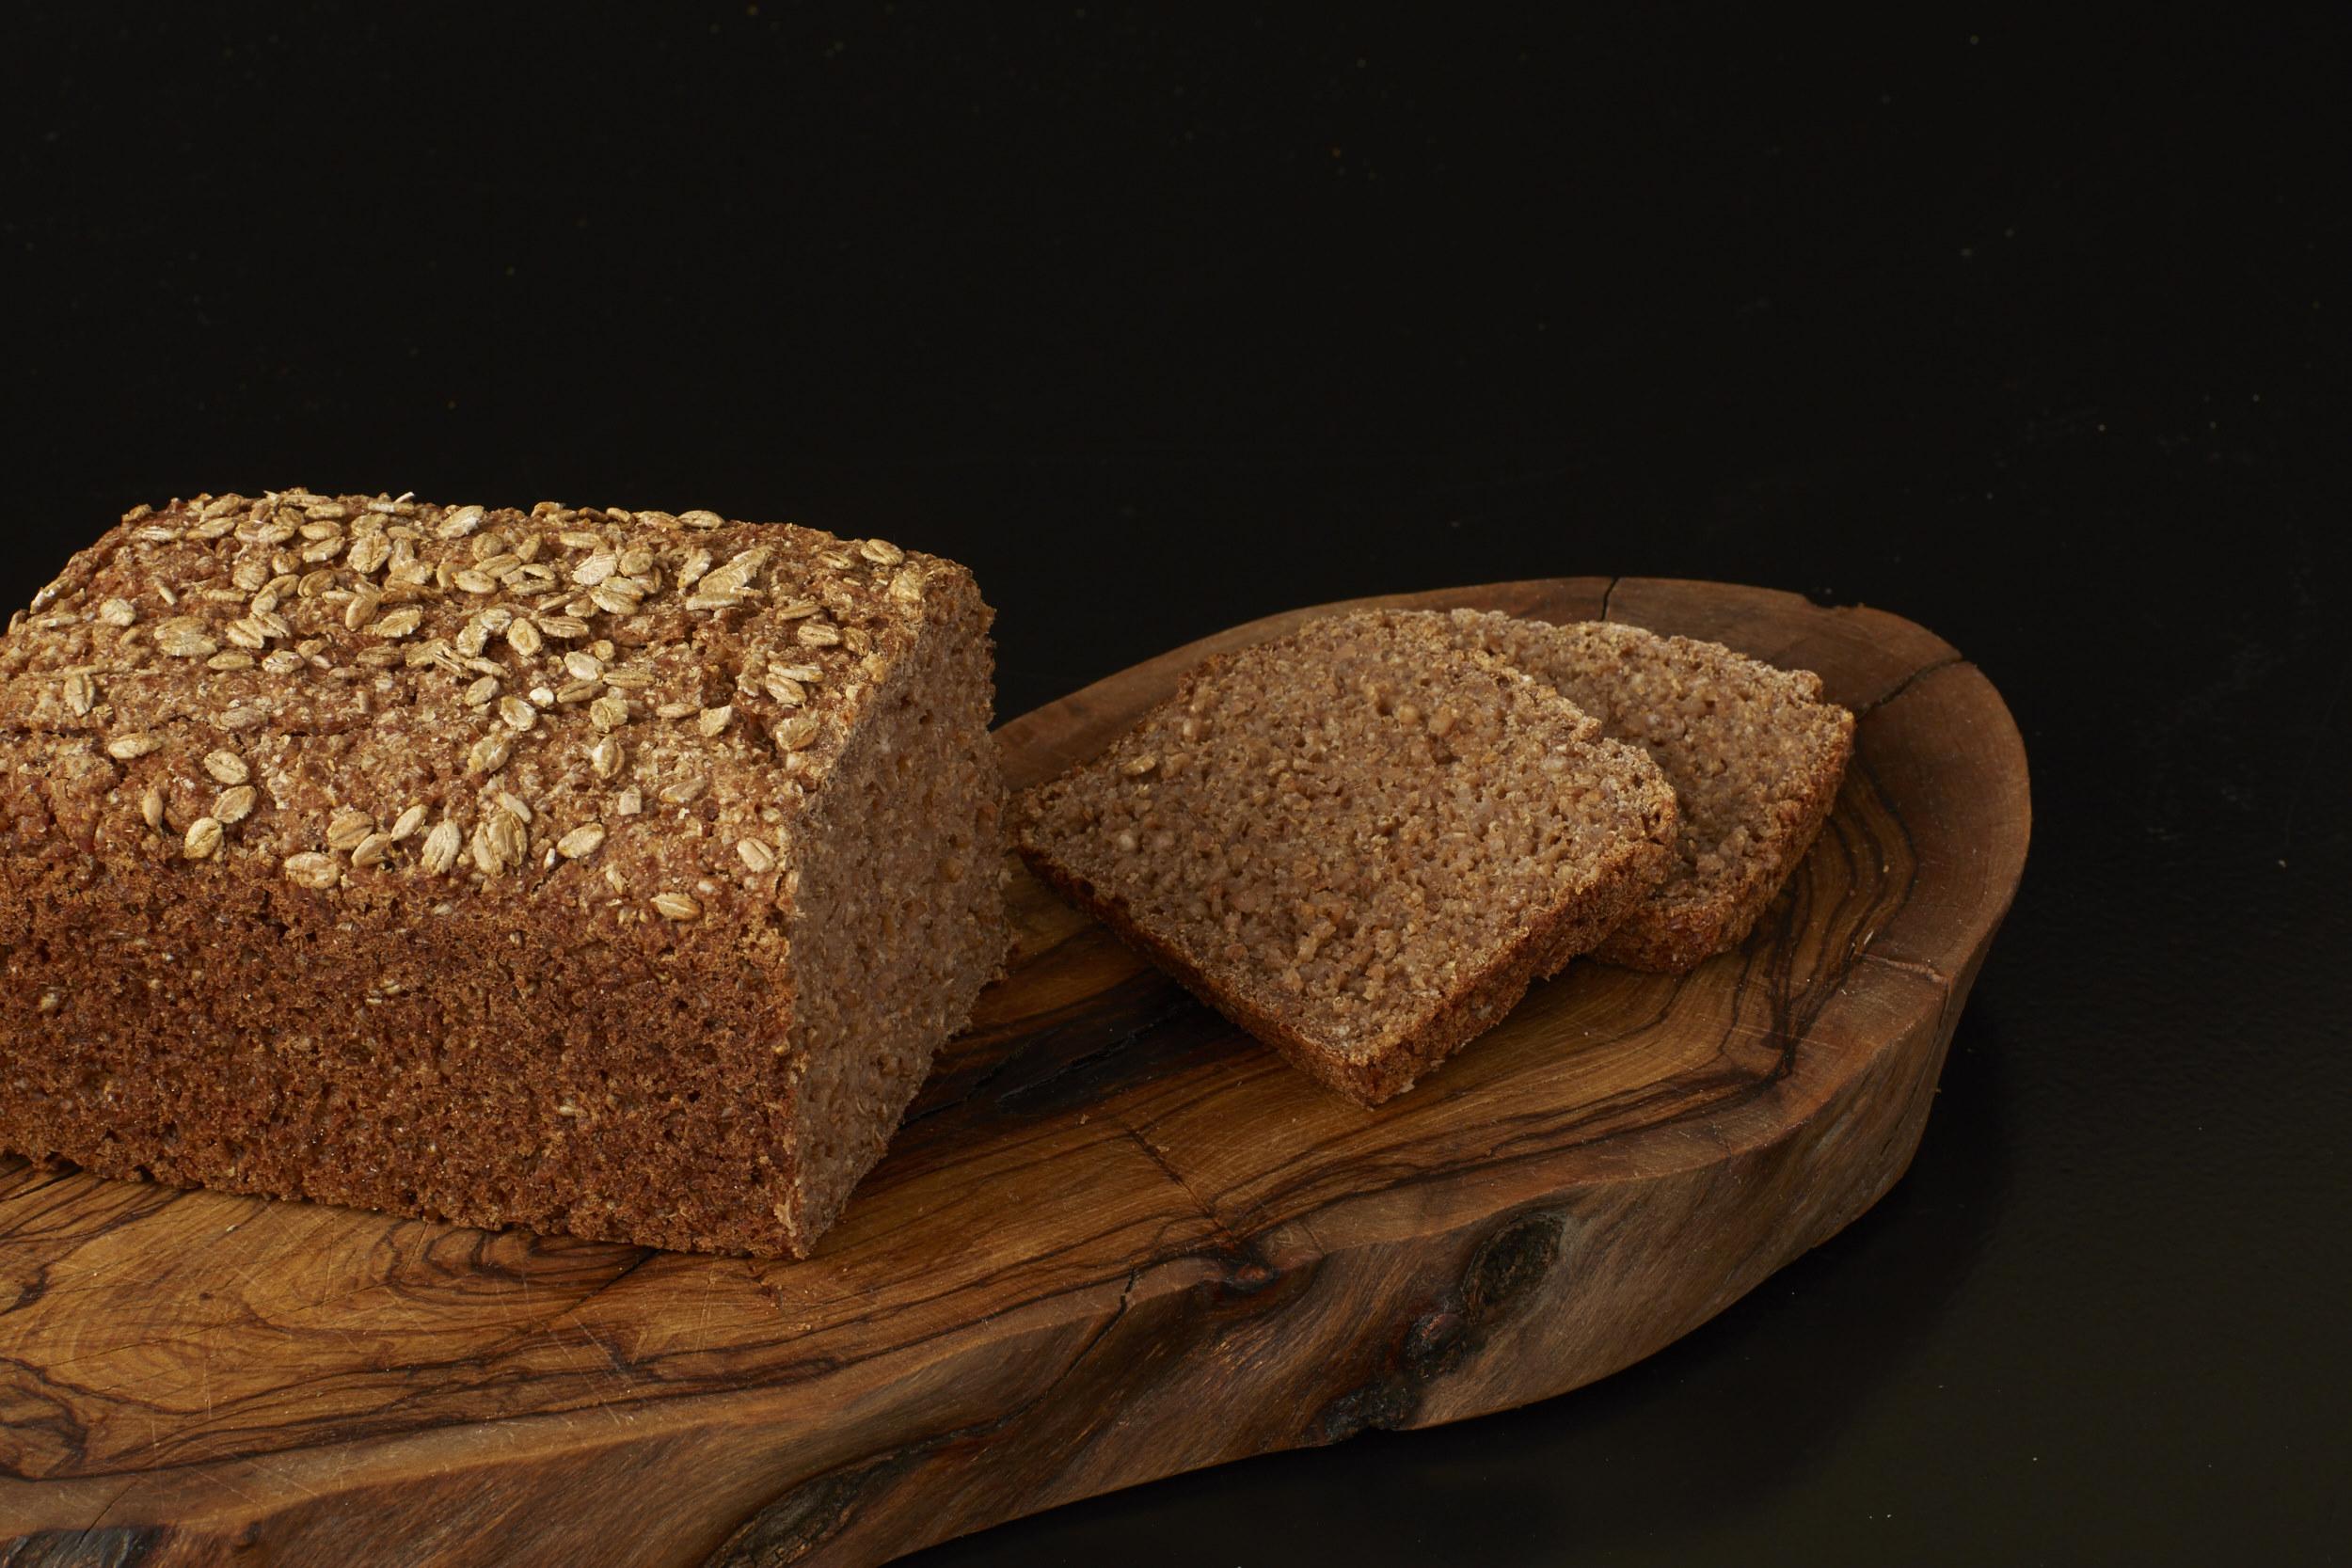 Brødsnedkeren-brødudvalg0236